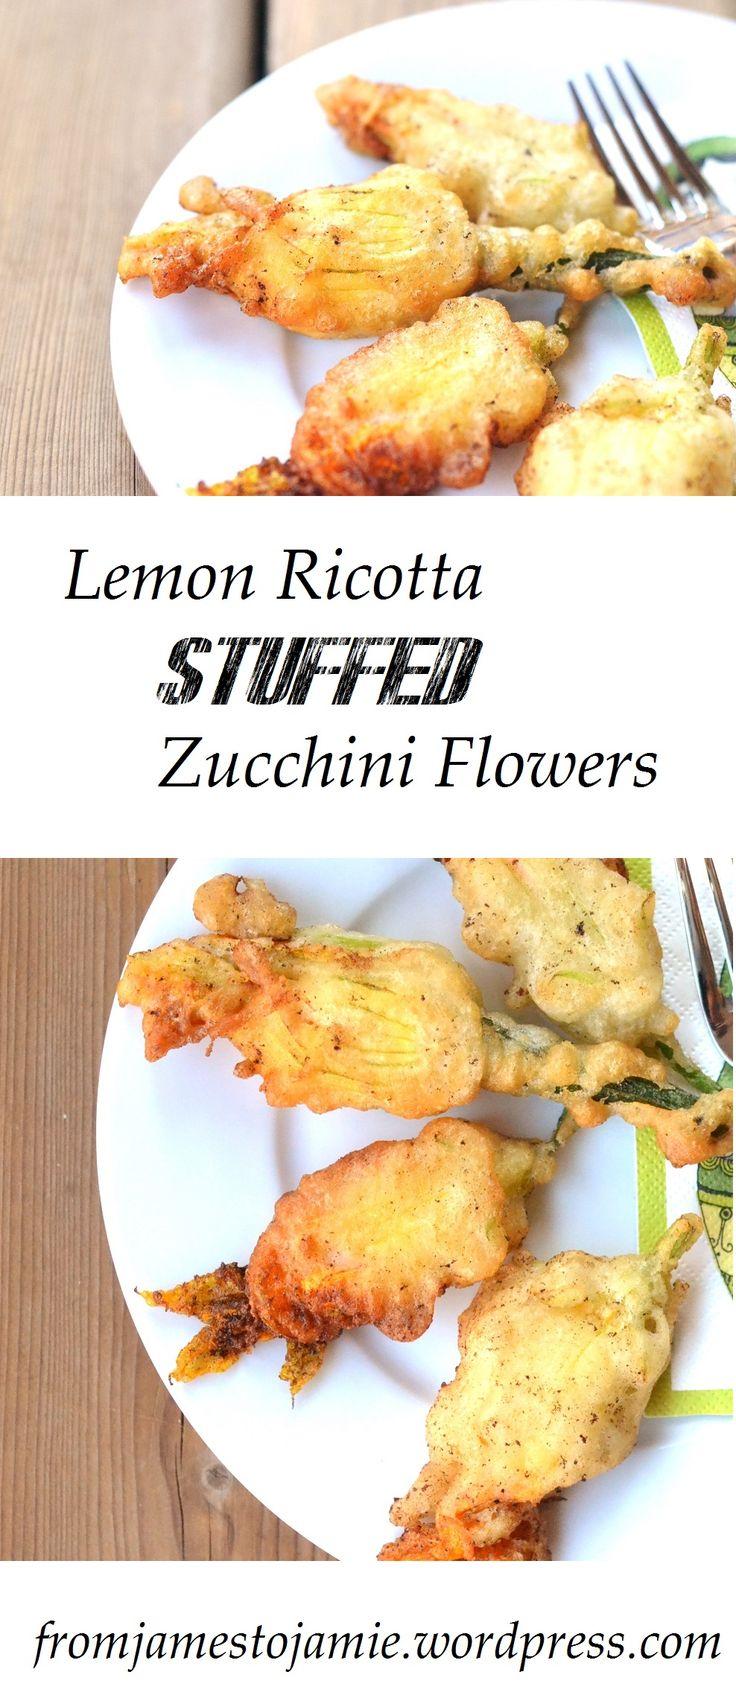 lemon ricotta stuffed zucchini peppers